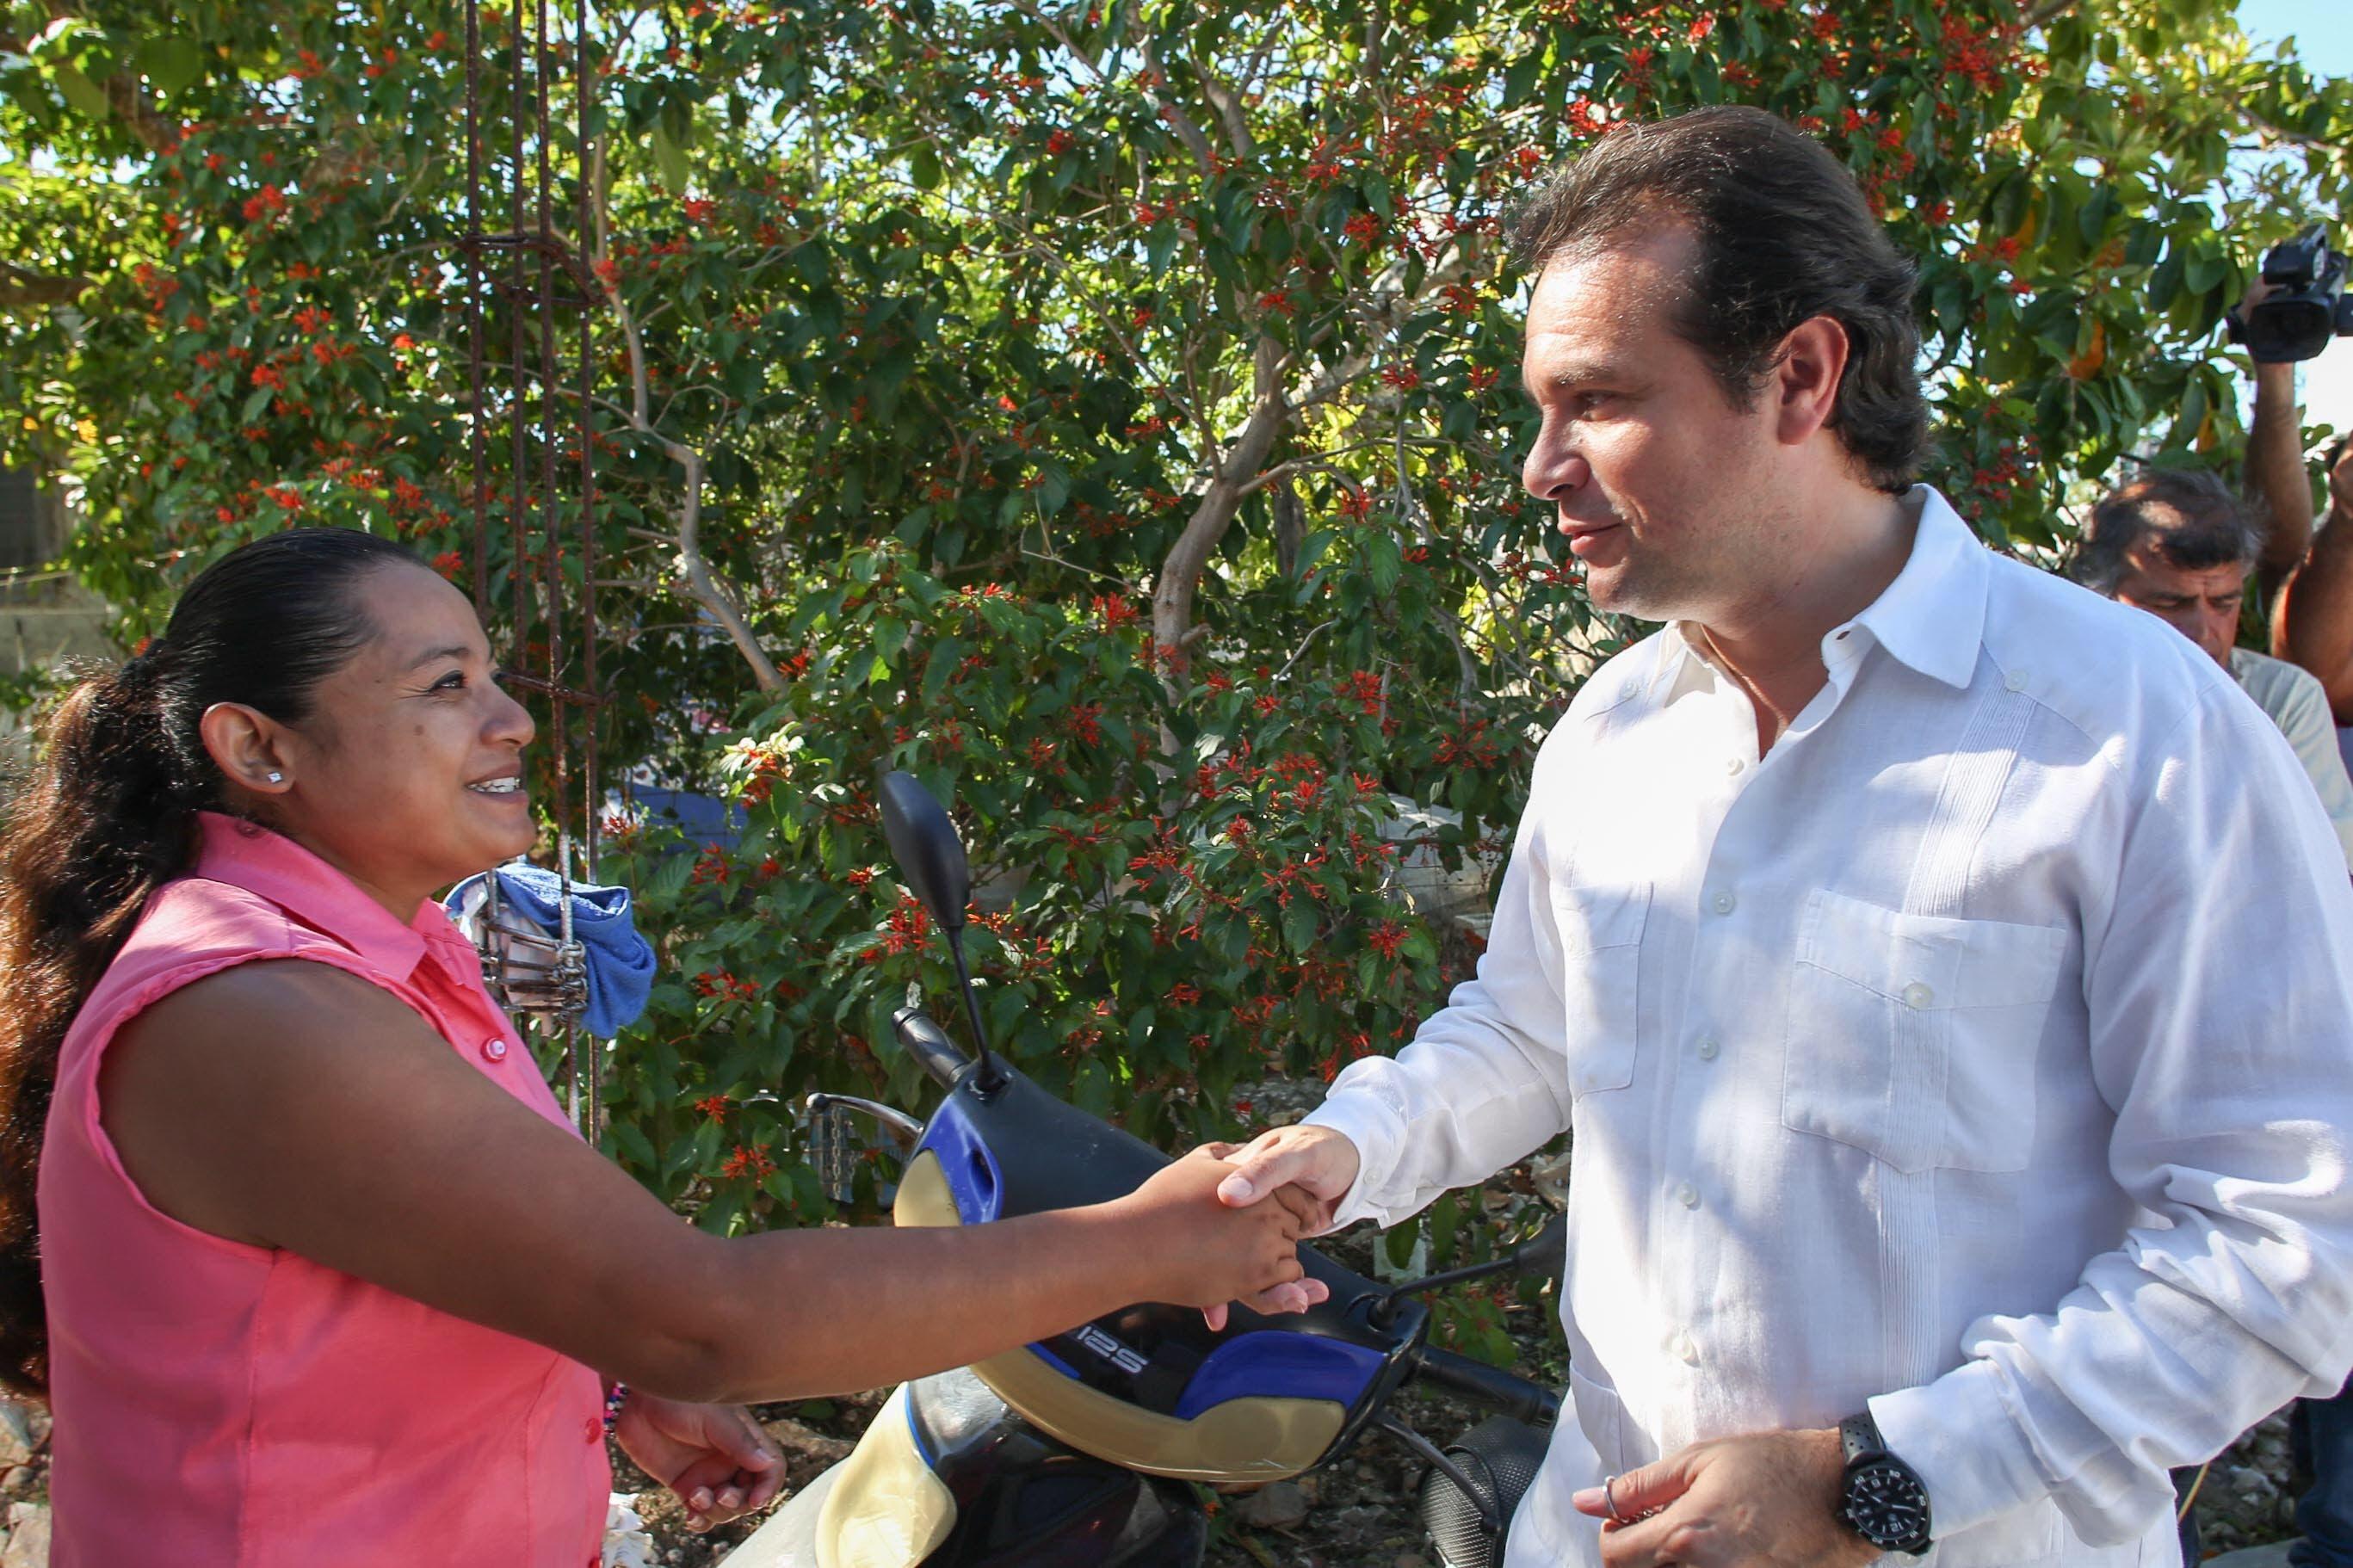 """""""Con acciones, no con palabras mostramos el compromiso que tenemos con la gente de Cozumel, donde en estos primeros meses de gestión reactivamos programas sociales que impactan de manera directa en el bienestar de la gente de la isla y mejoran su calidad de vida"""", destaca Pedro Joaquín"""